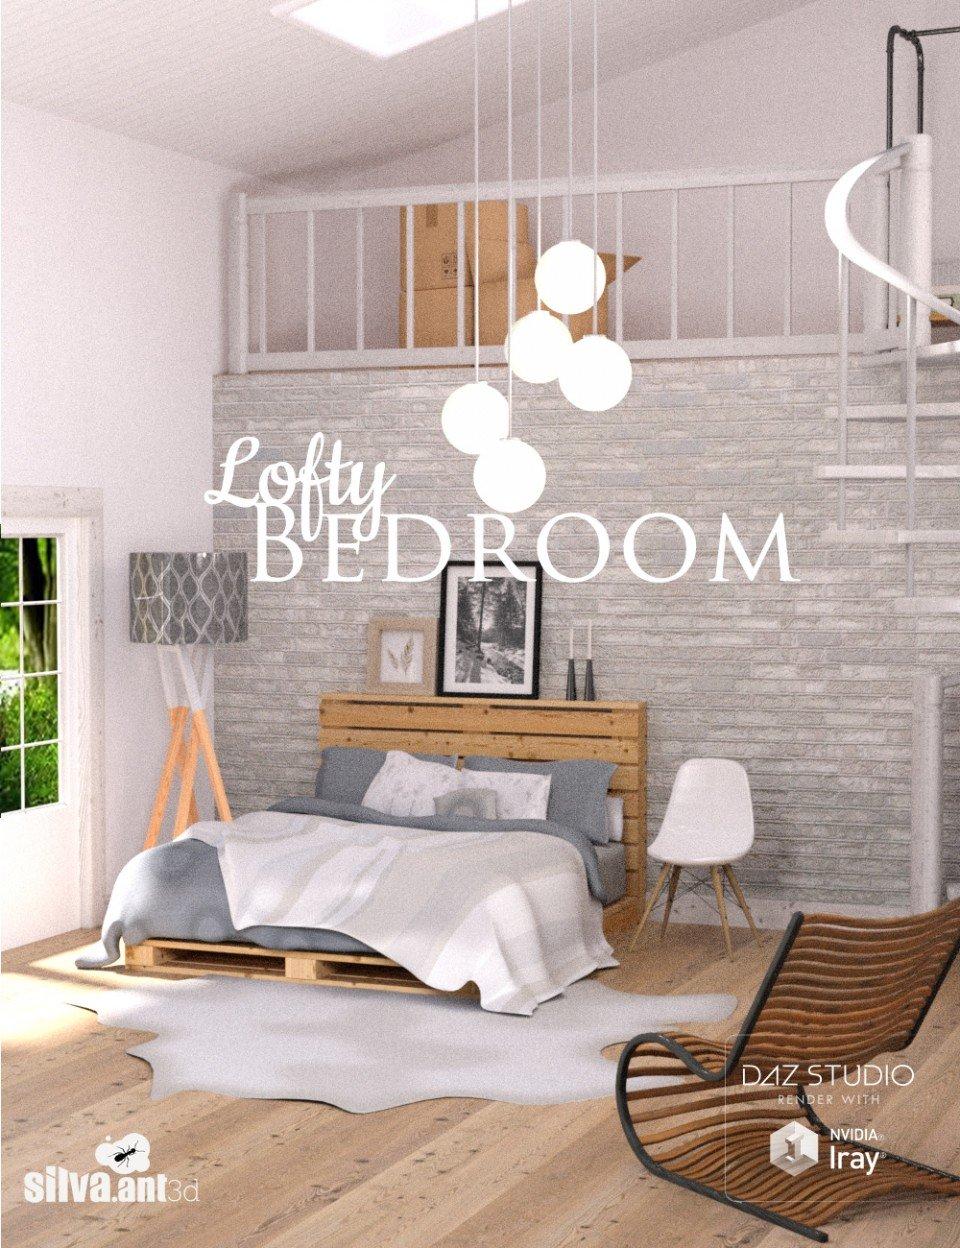 Lofty Bedroom_DAZ3D下载站